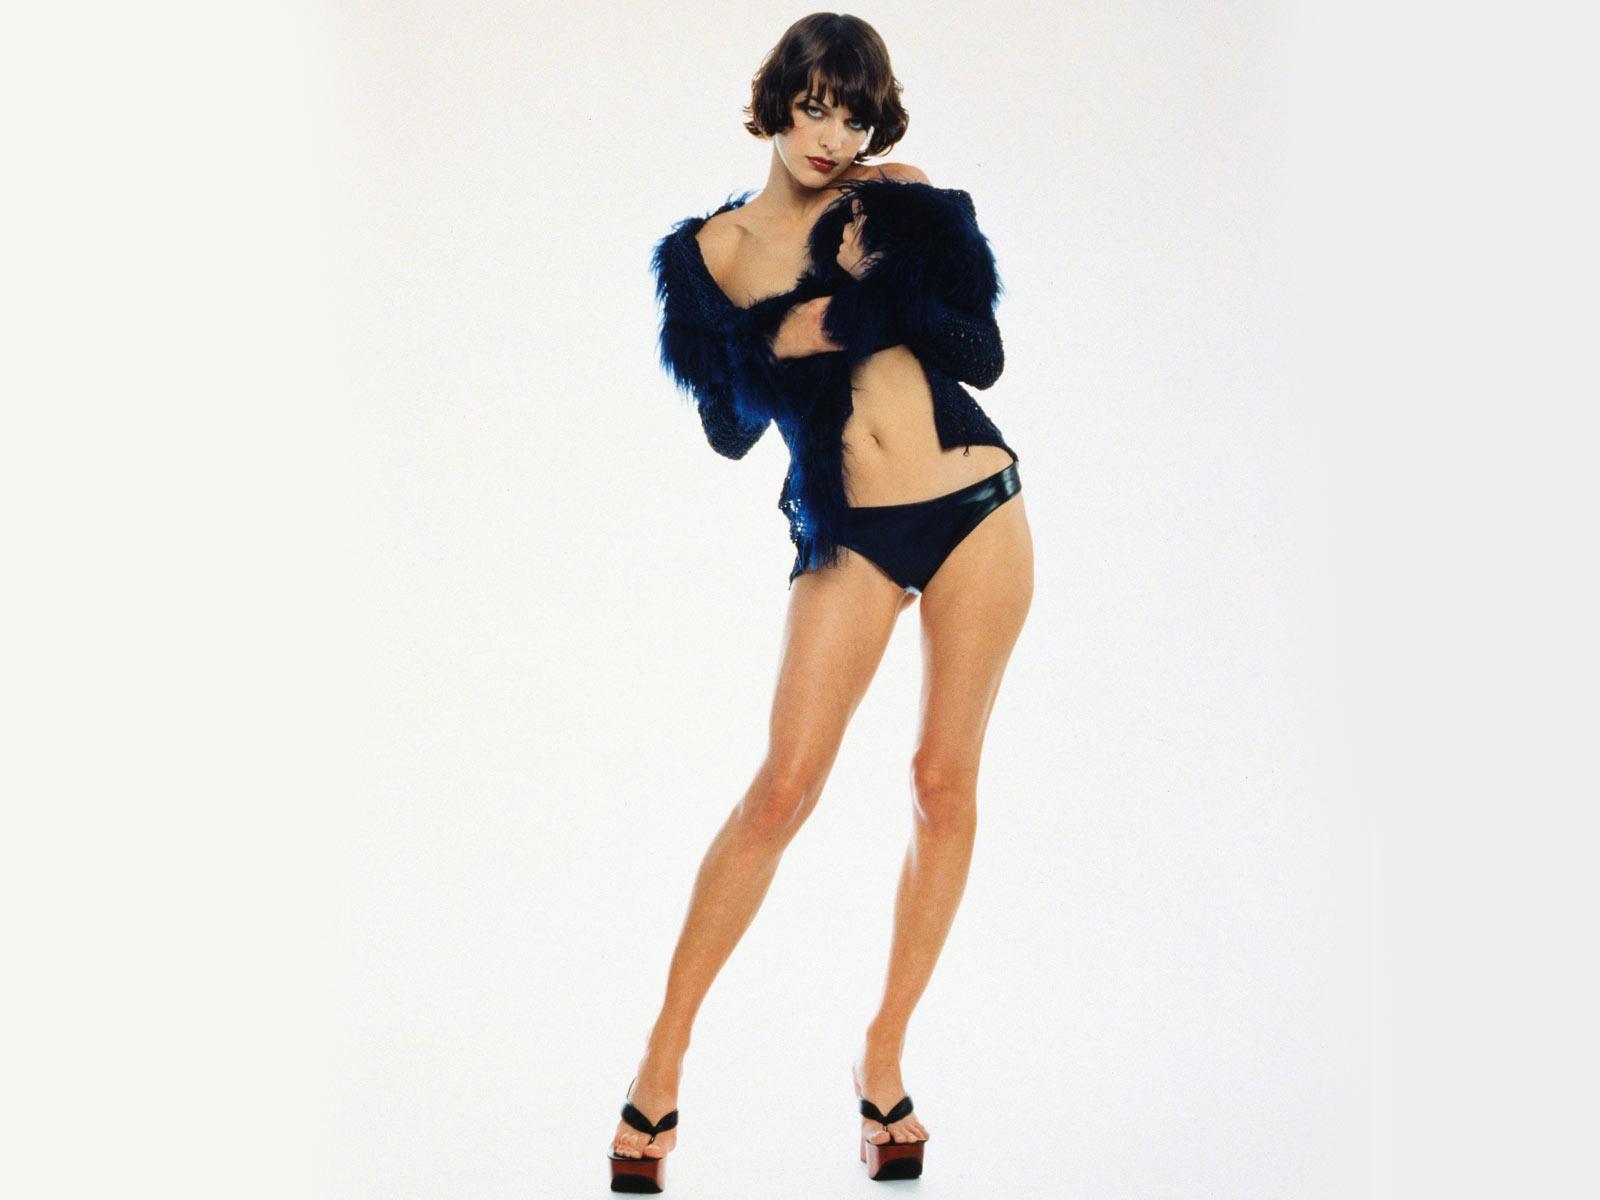 http://4.bp.blogspot.com/-cZ8pJmjzDrE/Tf_Tr7nNp9I/AAAAAAAAxvc/jpiKBomDJ9Q/s1600/Milla+Jovovich+1600X1200+18905+Sexy+Wallpaper.jpg